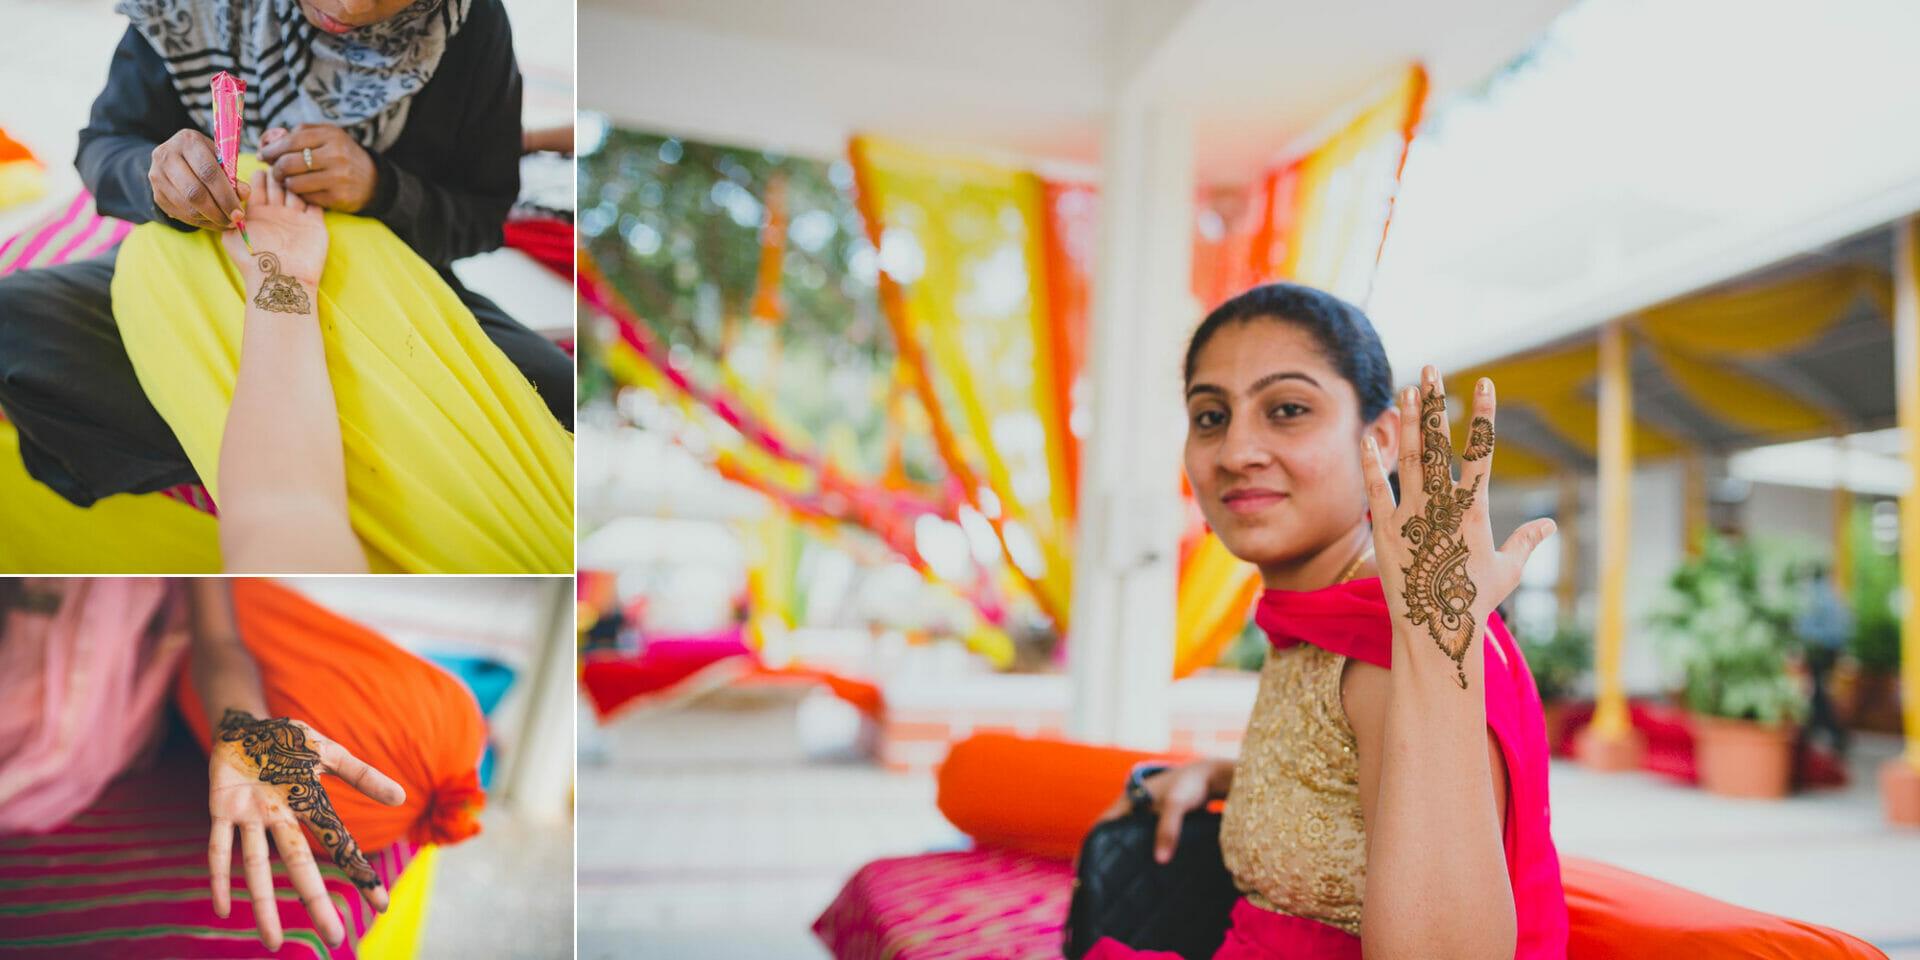 shruti annayya sree vikash photography mehandi sangeeth kalathur gardens 7